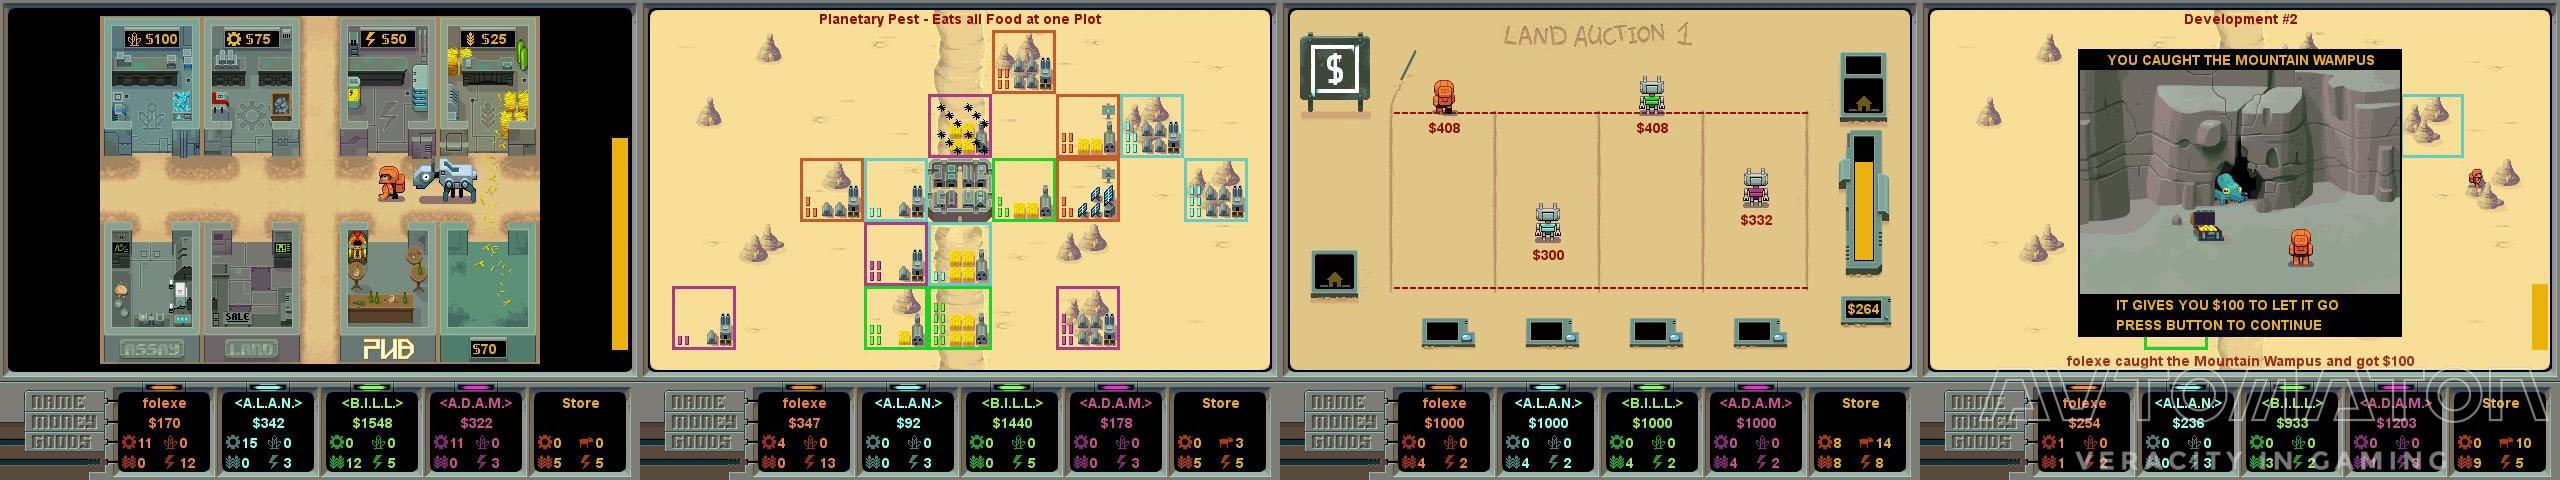 画像はクローンゲーム『Planet M.U.L.E.』。汎用労働ラバ「M.U.L.E.」で資源を収穫し惑星一の大富豪を目指す。 プレイヤー間で資源や土地を競売する経済ストラテジーだ。(拡大画像)